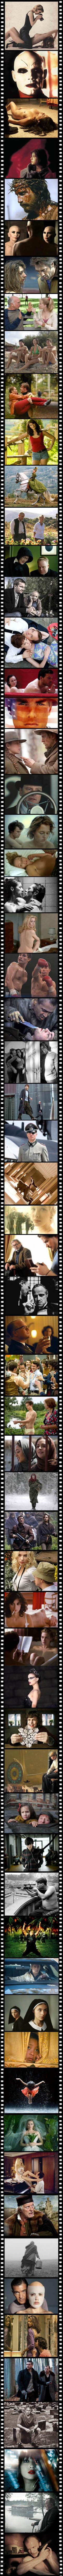 kadry filmowe